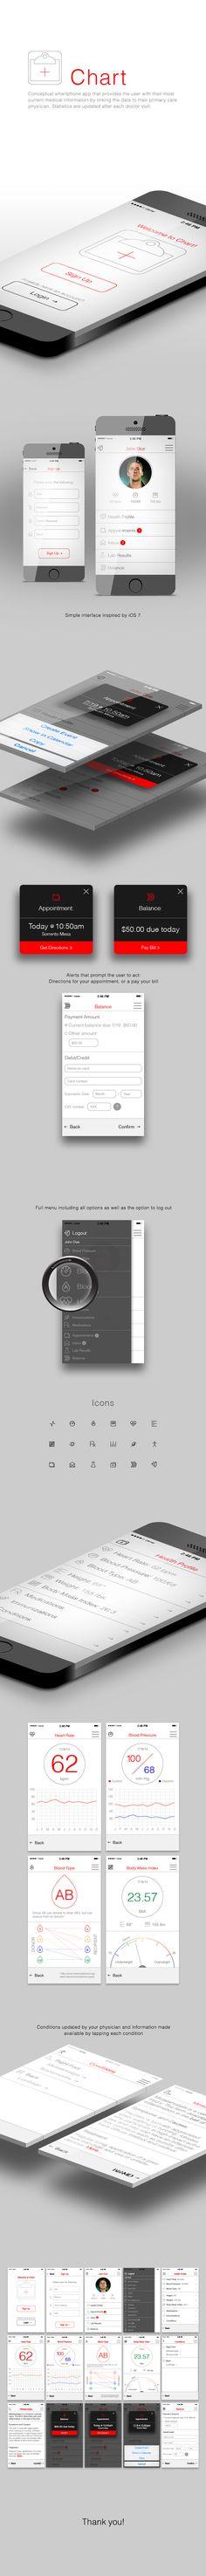 Nous sommes une, societe de developpement d'applications mobiles qui offre un service a spectre complet a travers diverses categories comme les services publics, les entreprises et en particulier les applications a base de e- paiement. #UX #Design